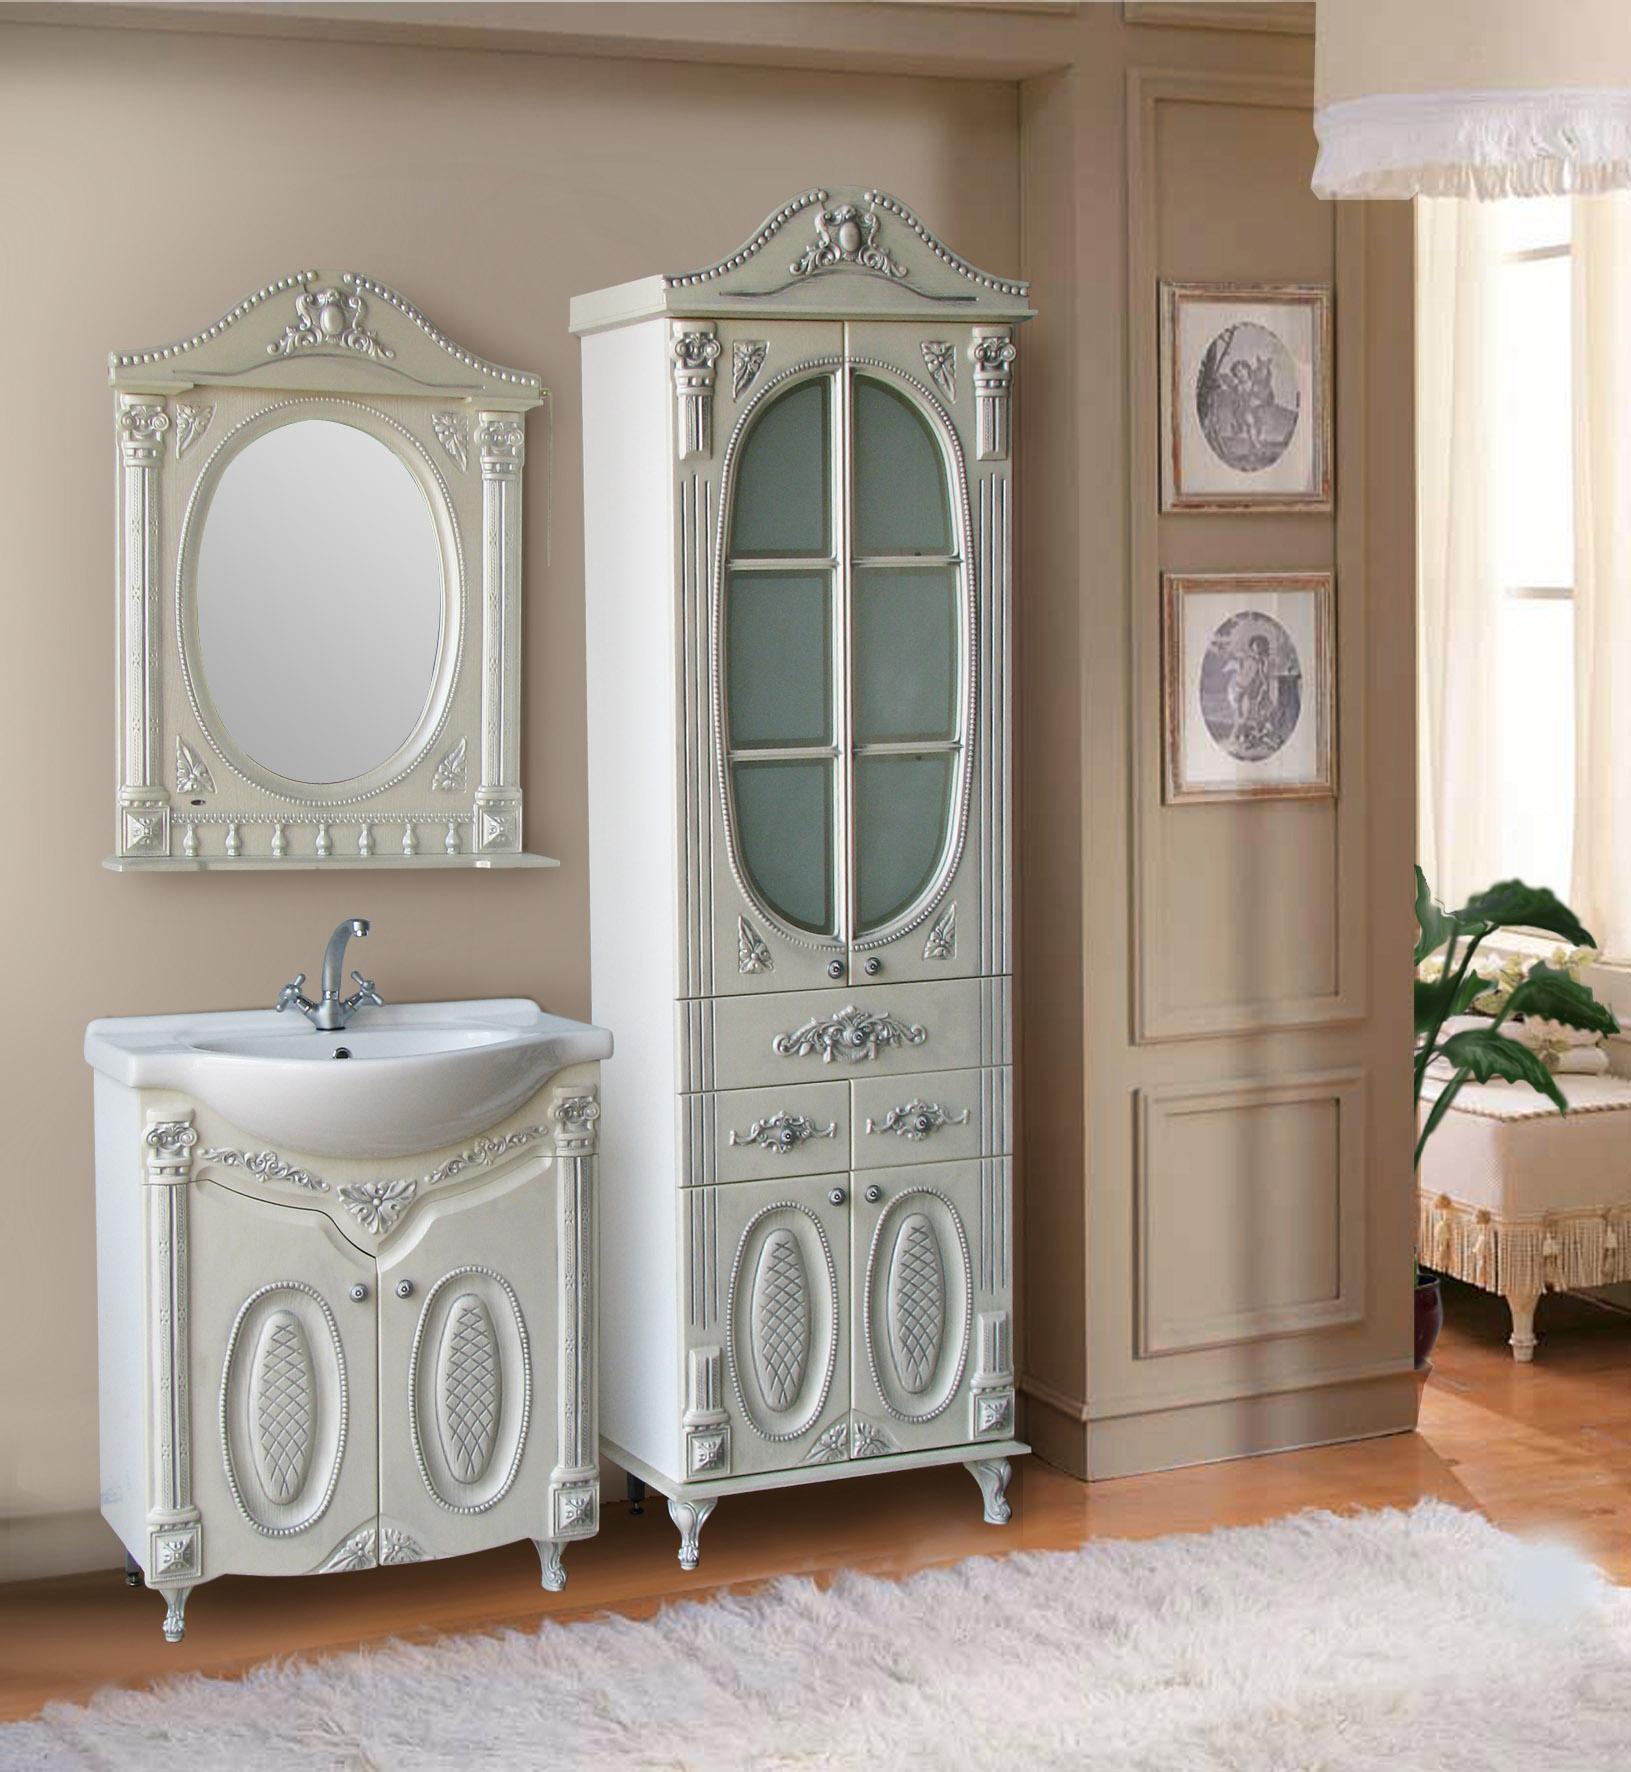 Мебель для ванной атолл наполеон 275 - цена 34 871 руб., куп.